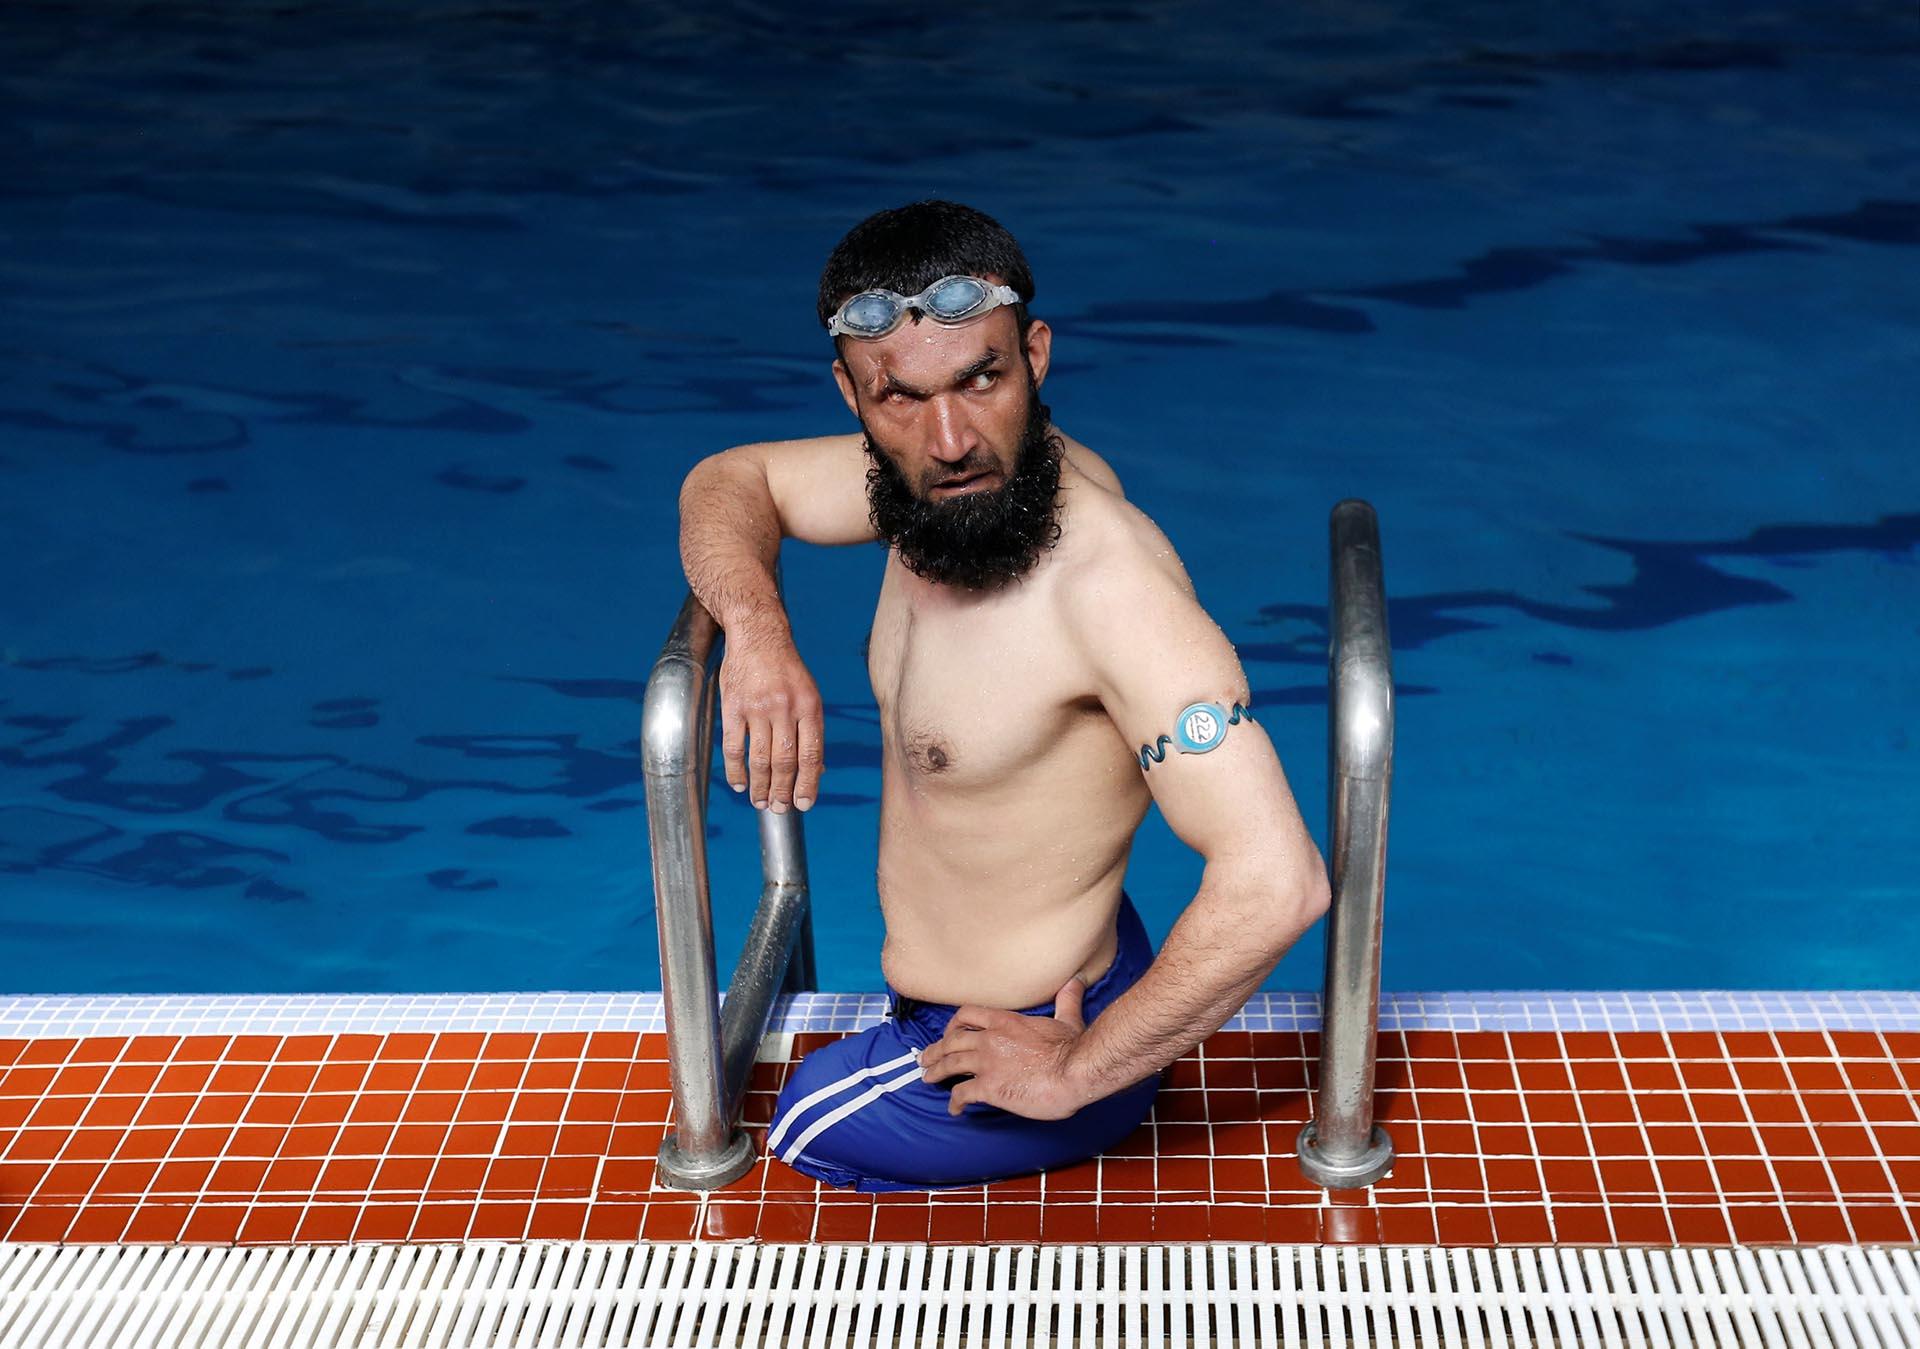 Khan Agha, de 28 años, se sienta al borde de una piscina durante su práctica en Kabul, Afganistán